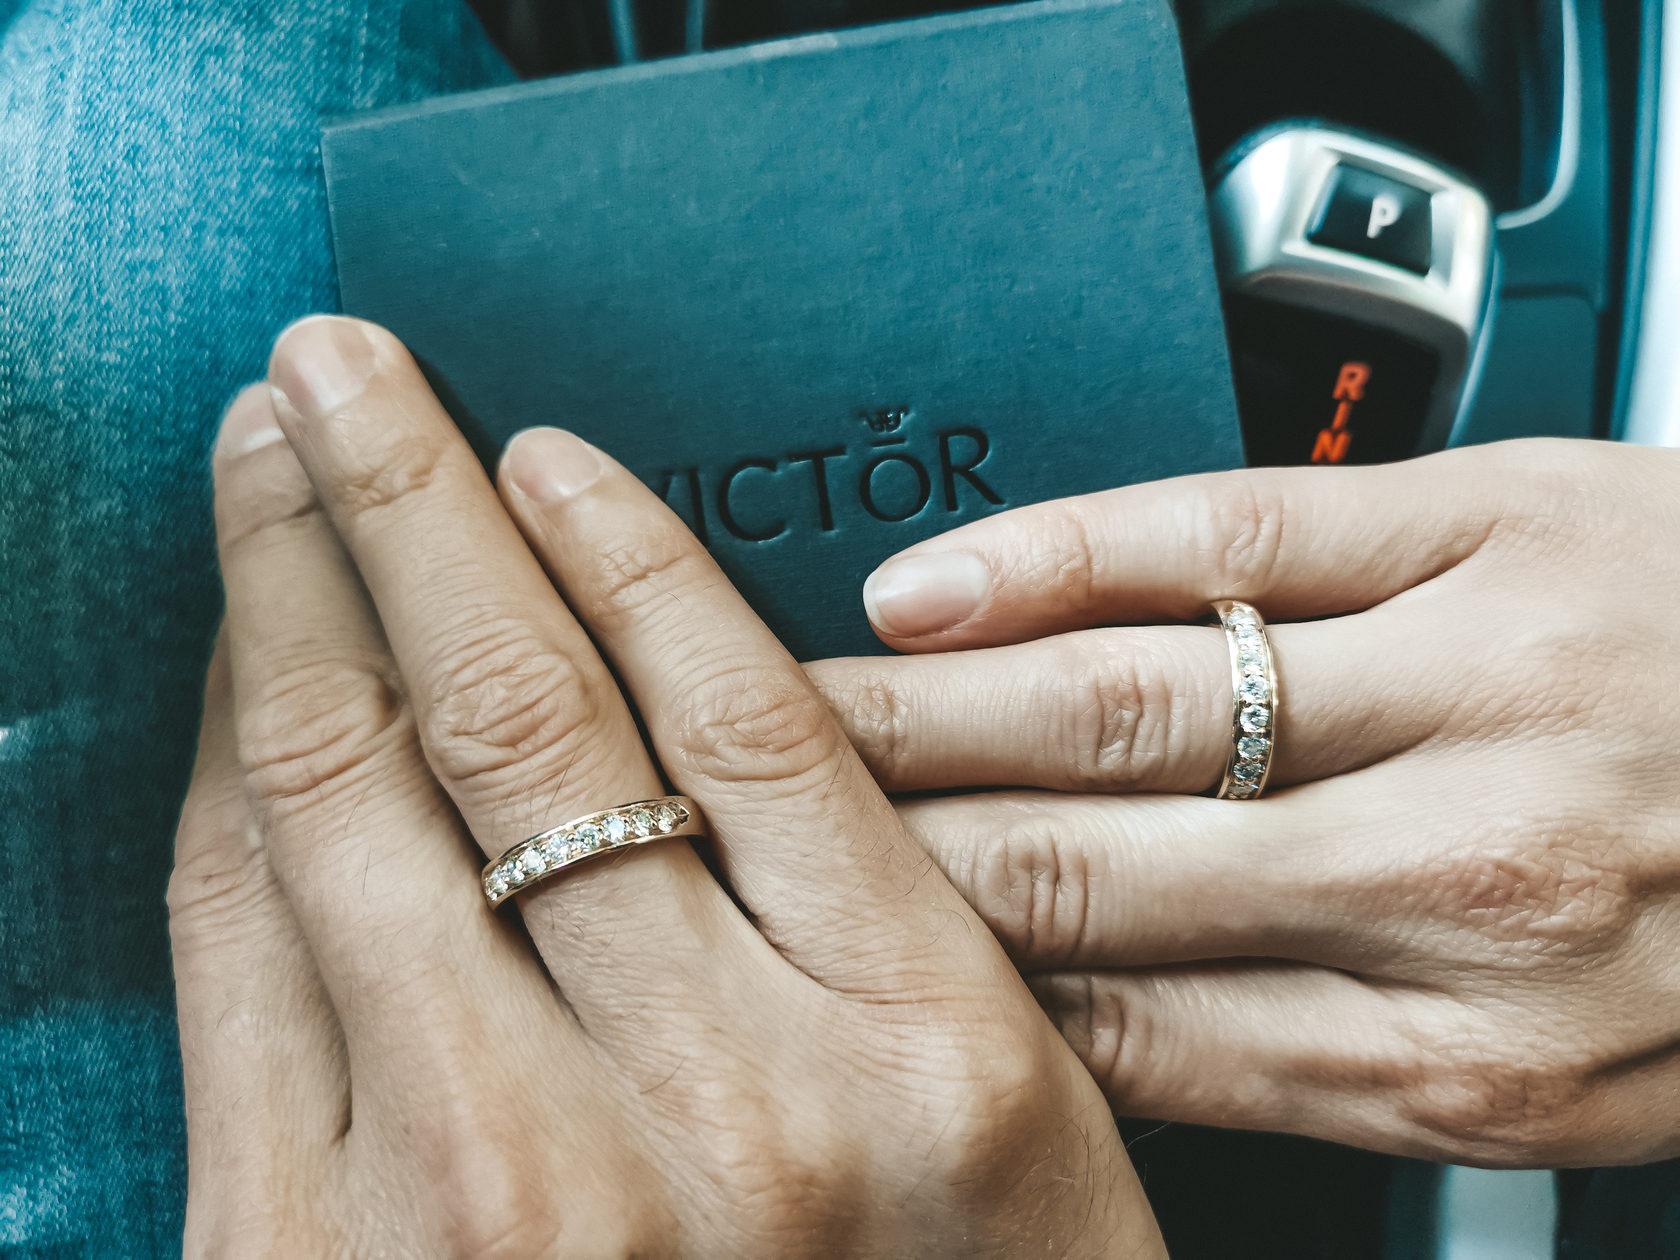 Классические обручальные кольца с бриллиантами и округлой внутренней поверхностью отзывы